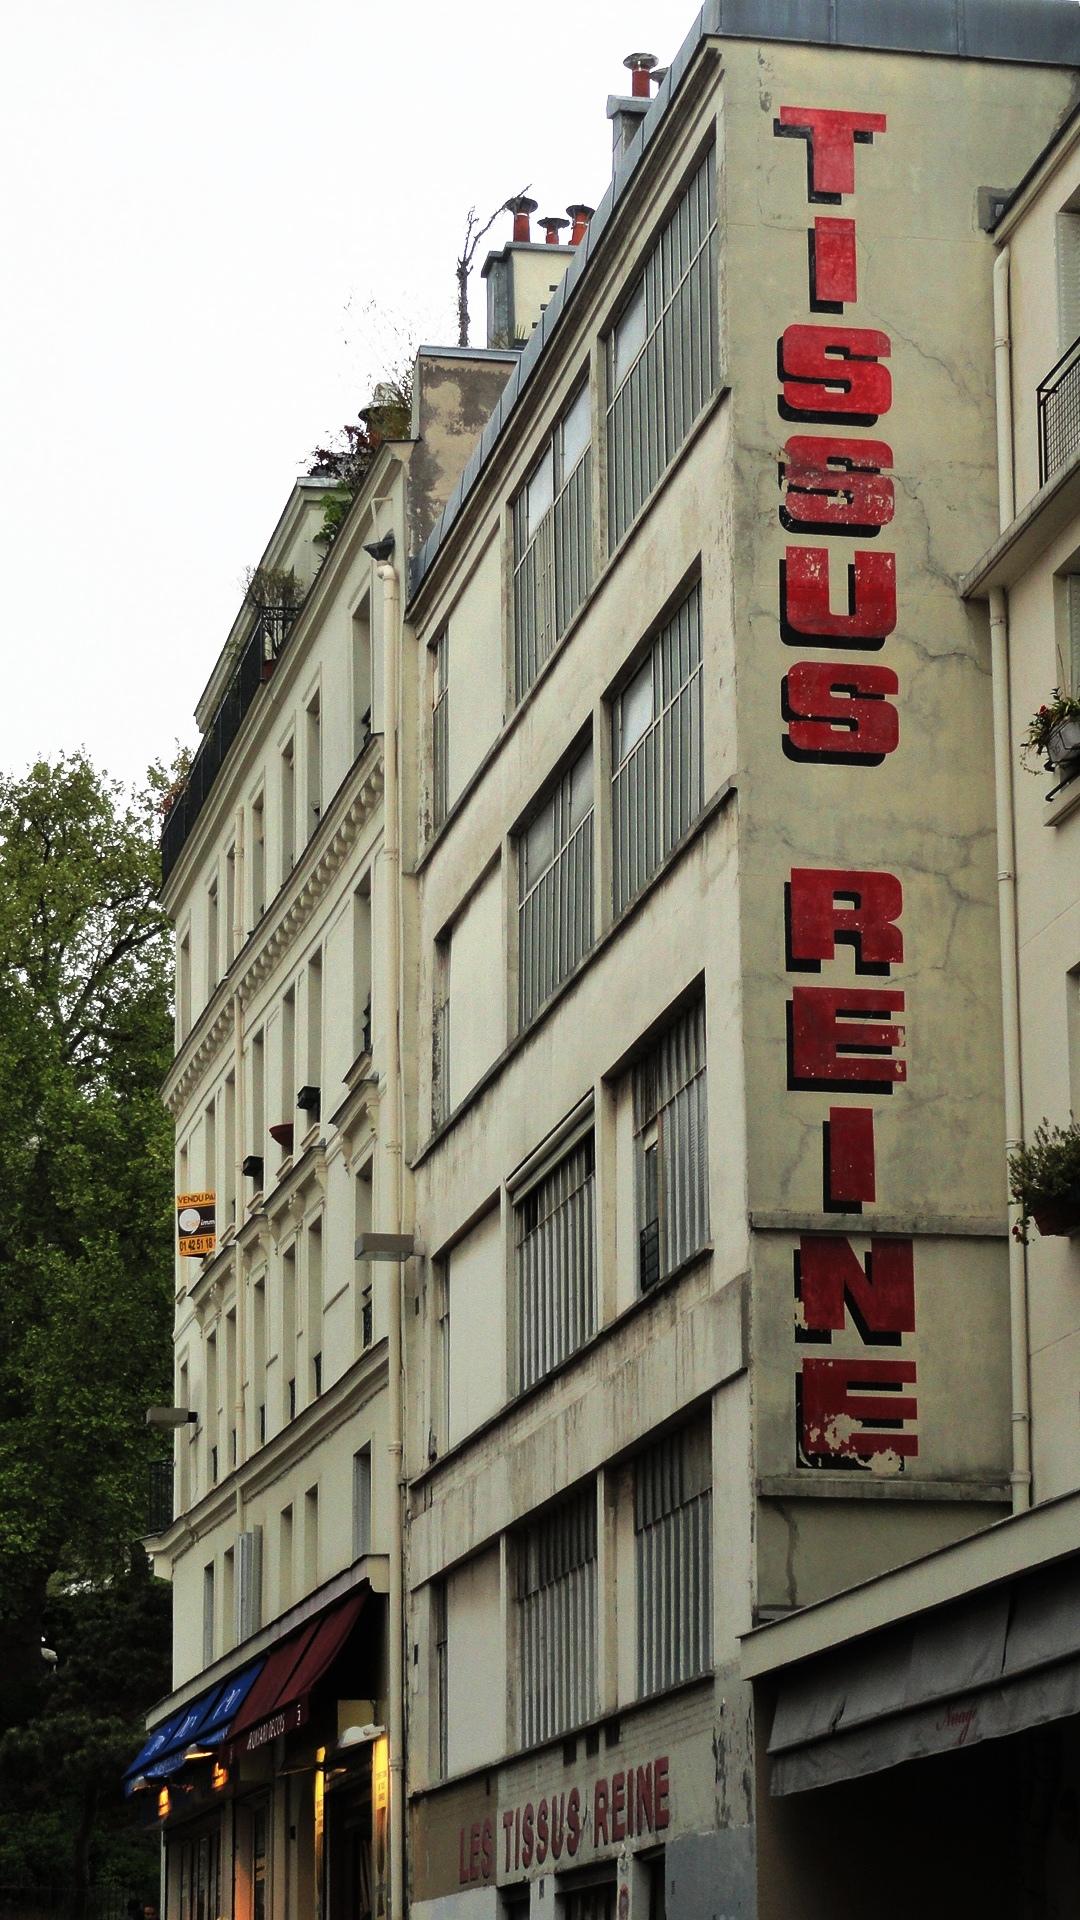 Marché Saint Pierre, Paris 18e - Magasin Reine